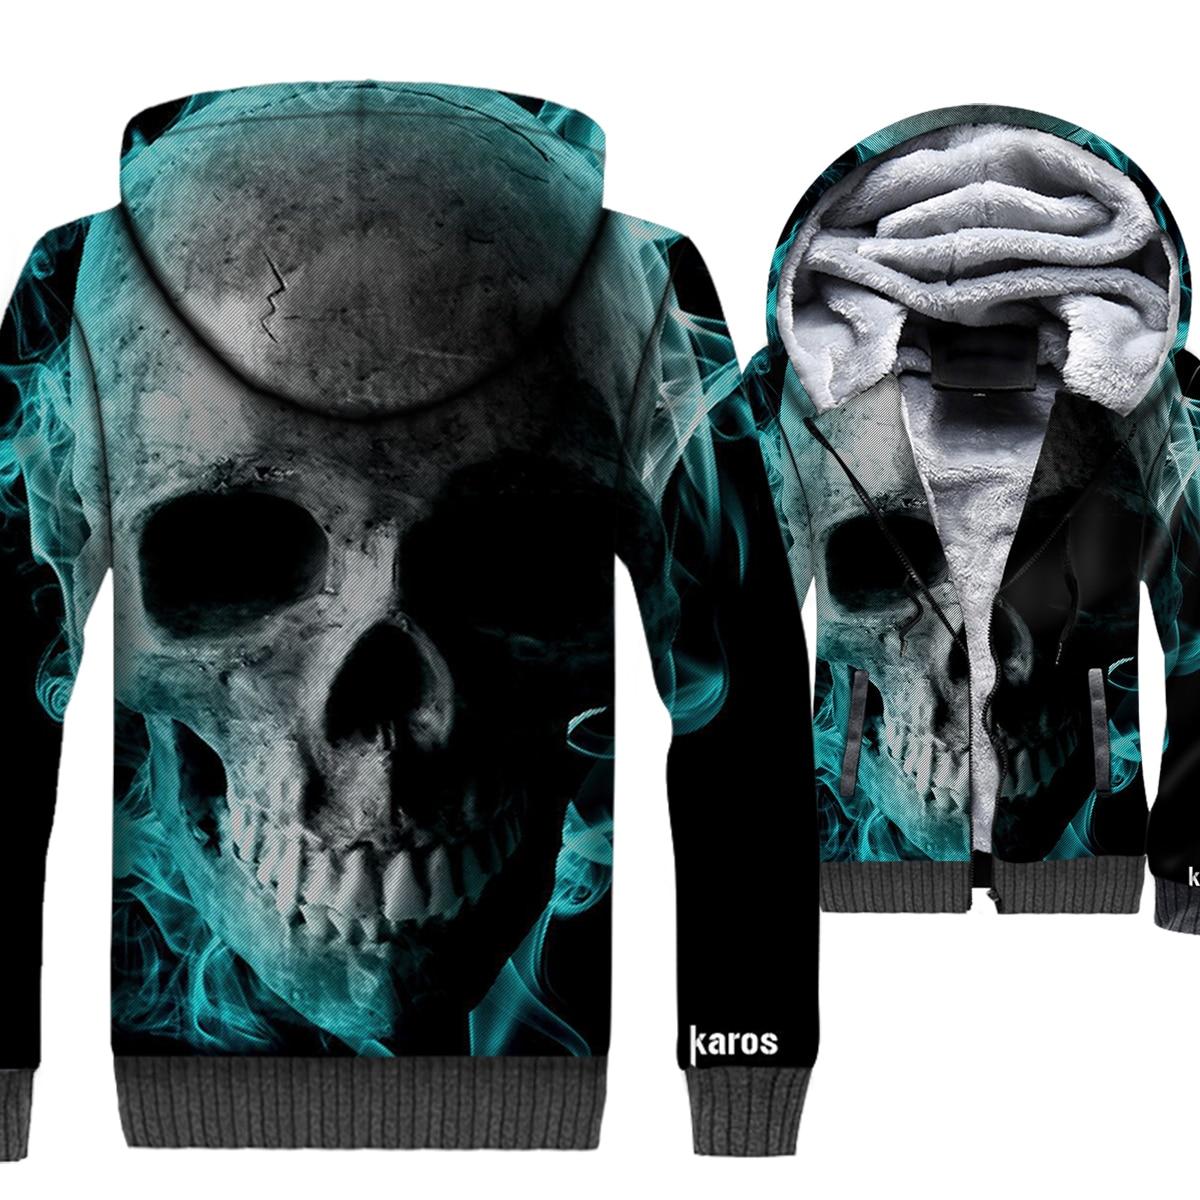 hipster streetwear hip hop tracksuits funny skull 3D print hoodies man 39 s 2019 winter loose fit wool liner jackets men sweatshirt in Hoodies amp Sweatshirts from Men 39 s Clothing